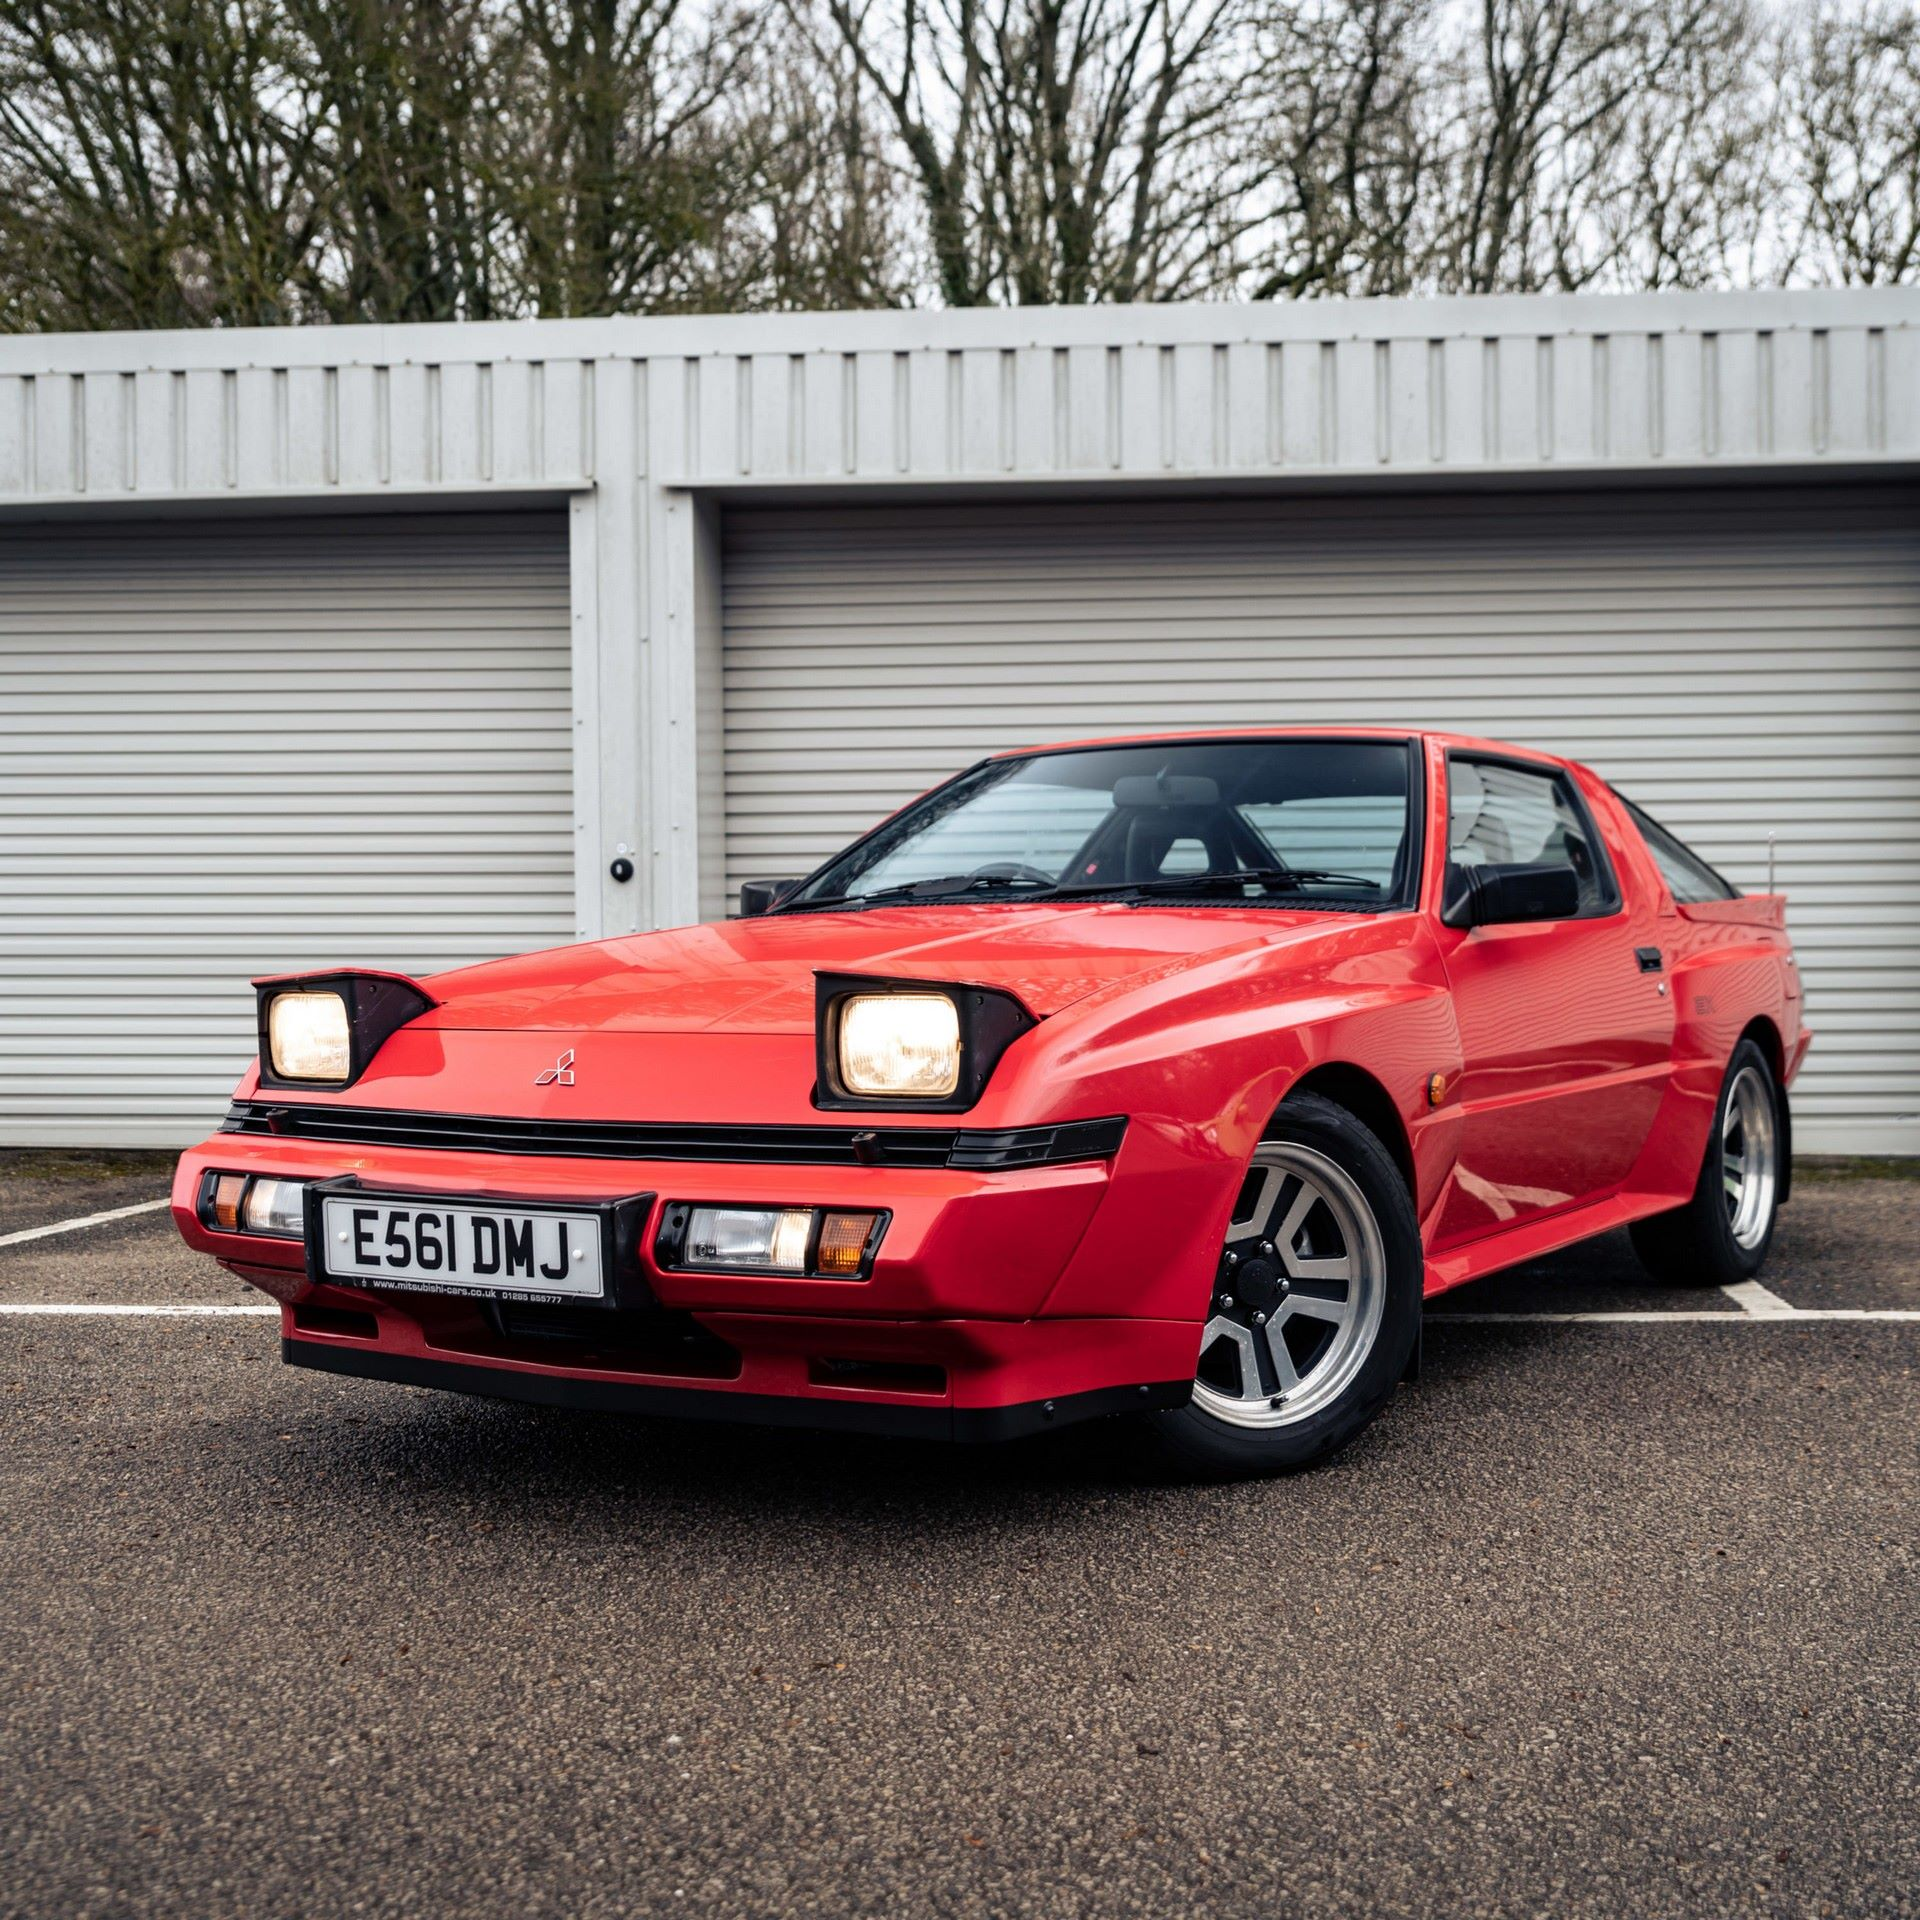 Mitsubishi-UK-fleet-auction-16